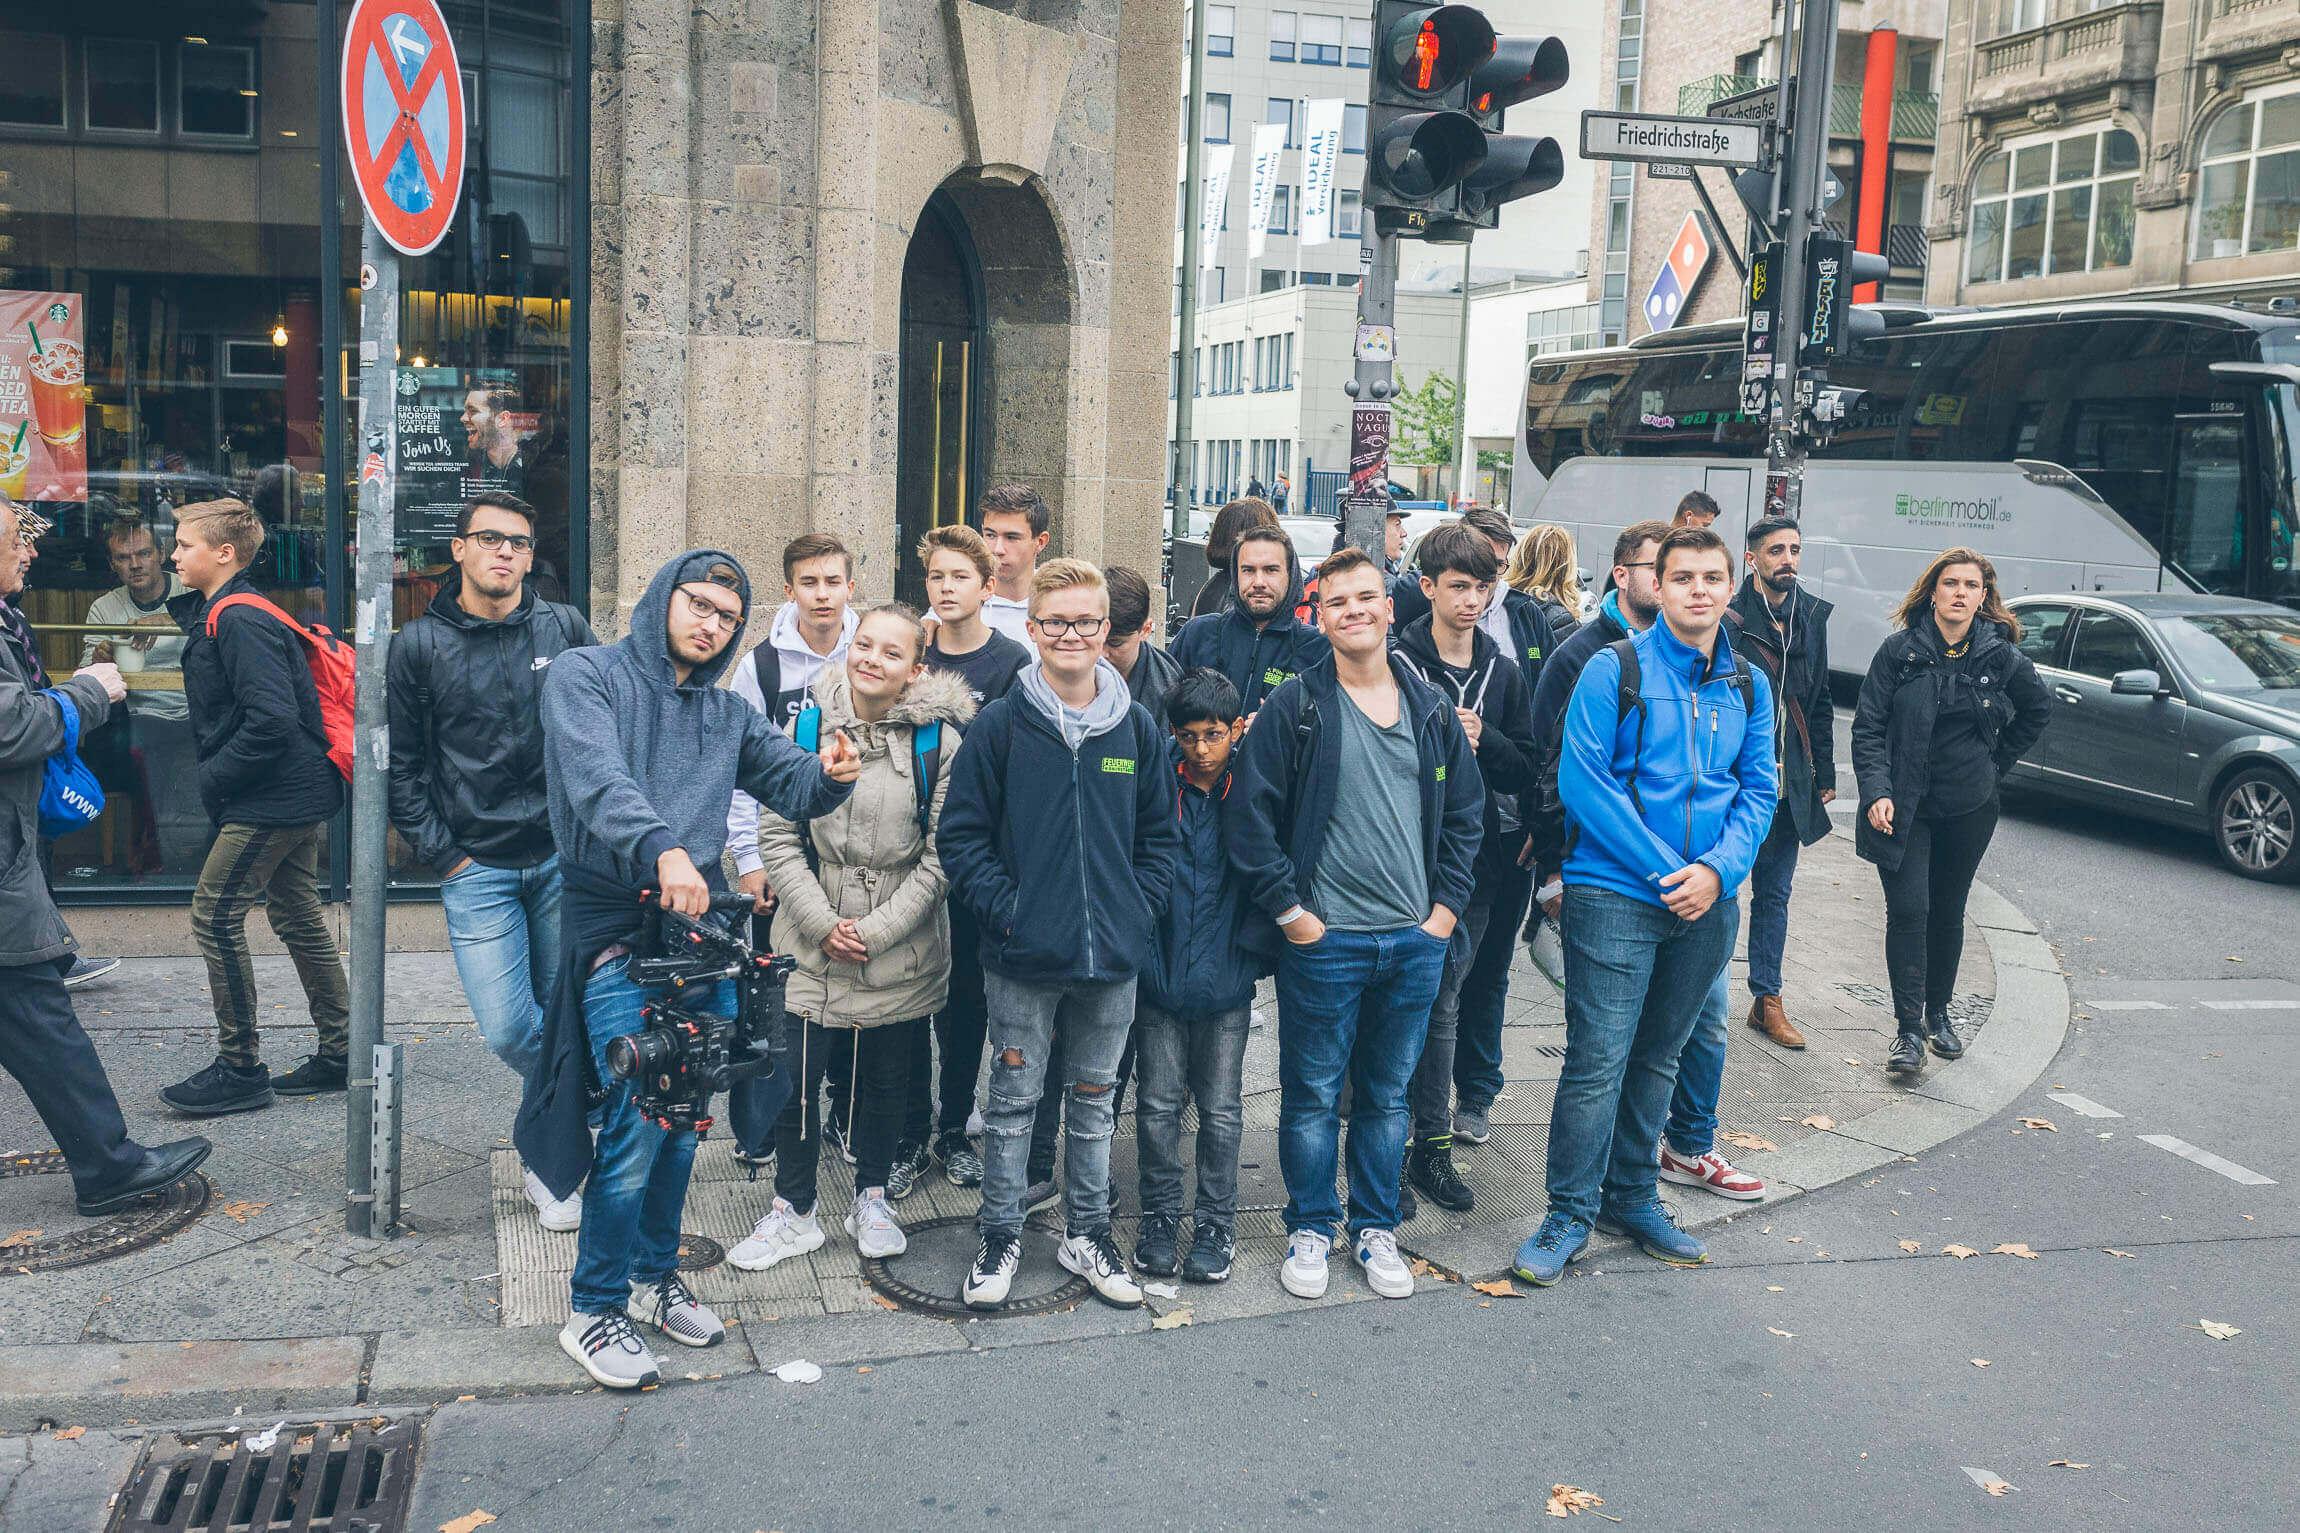 Jugendfeuerwehr Koenigstaedten Berlin 17